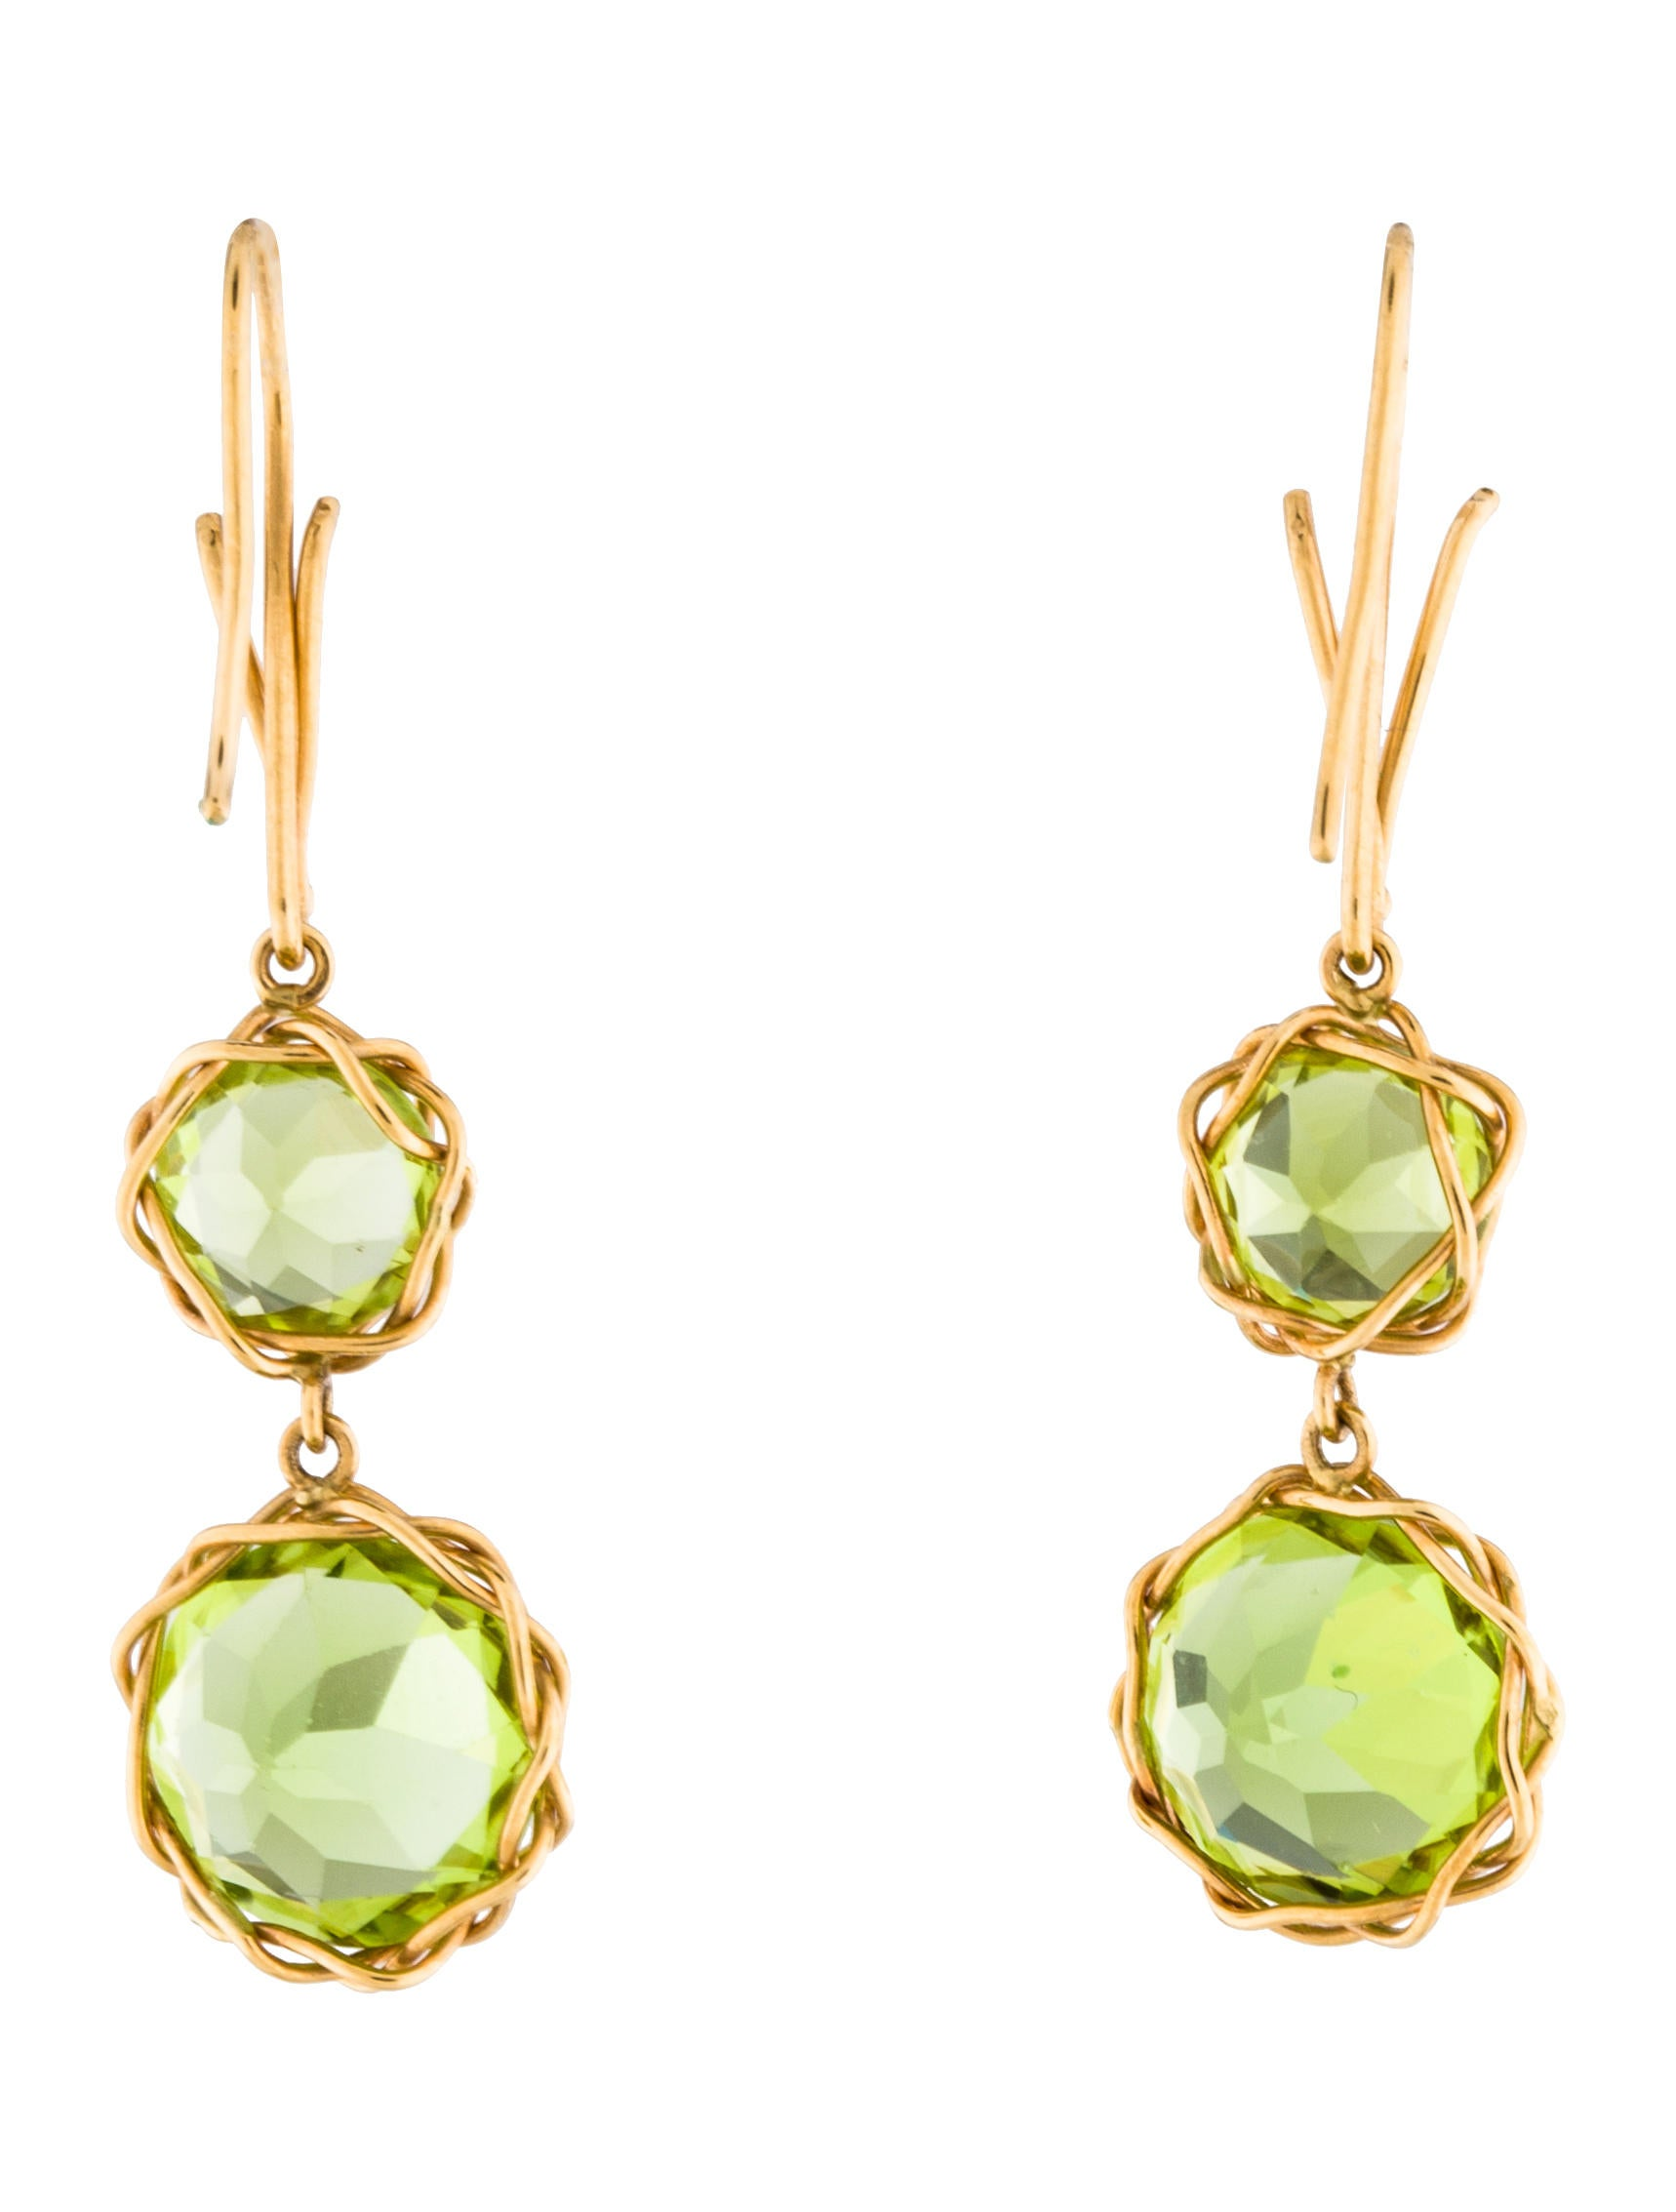 18K Peridot Drop Earrings - Earrings - 142.1KB